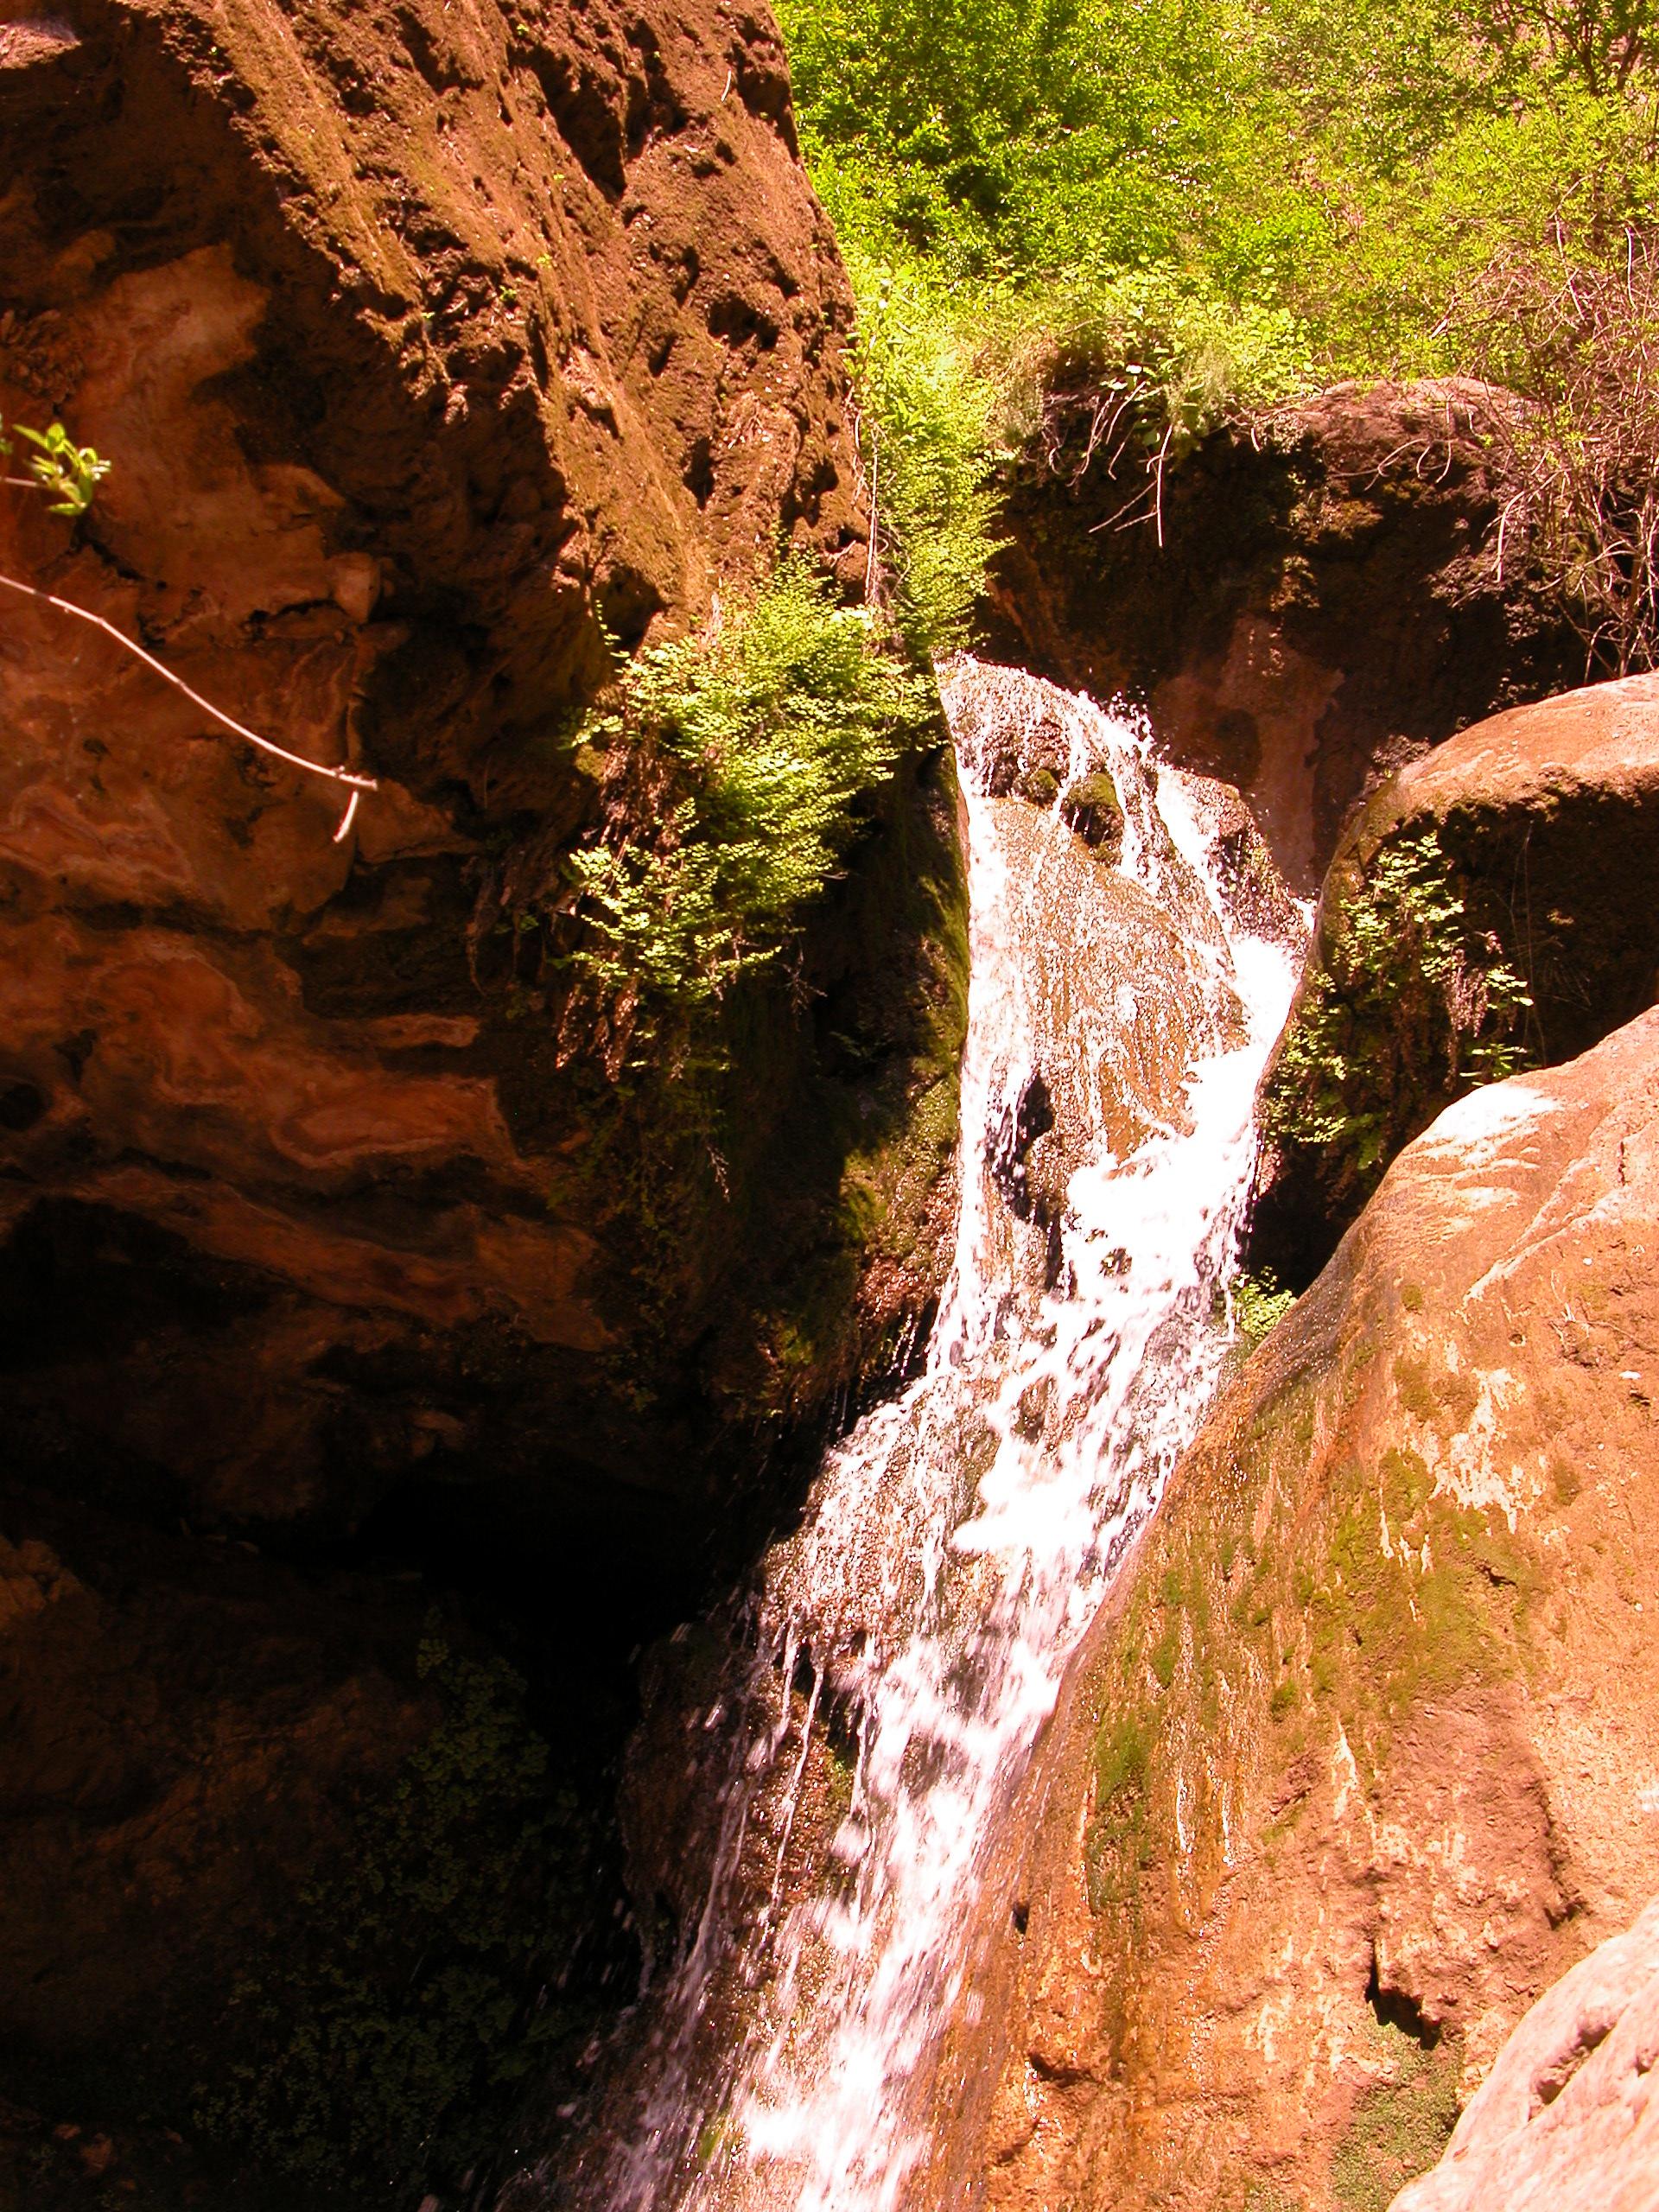 Appartement de vacances Luxurise Unterkunft und persnliches Ambiente in unzerstrter Natur (2124814), Fethiye, , Région Egéenne, Turquie, image 19